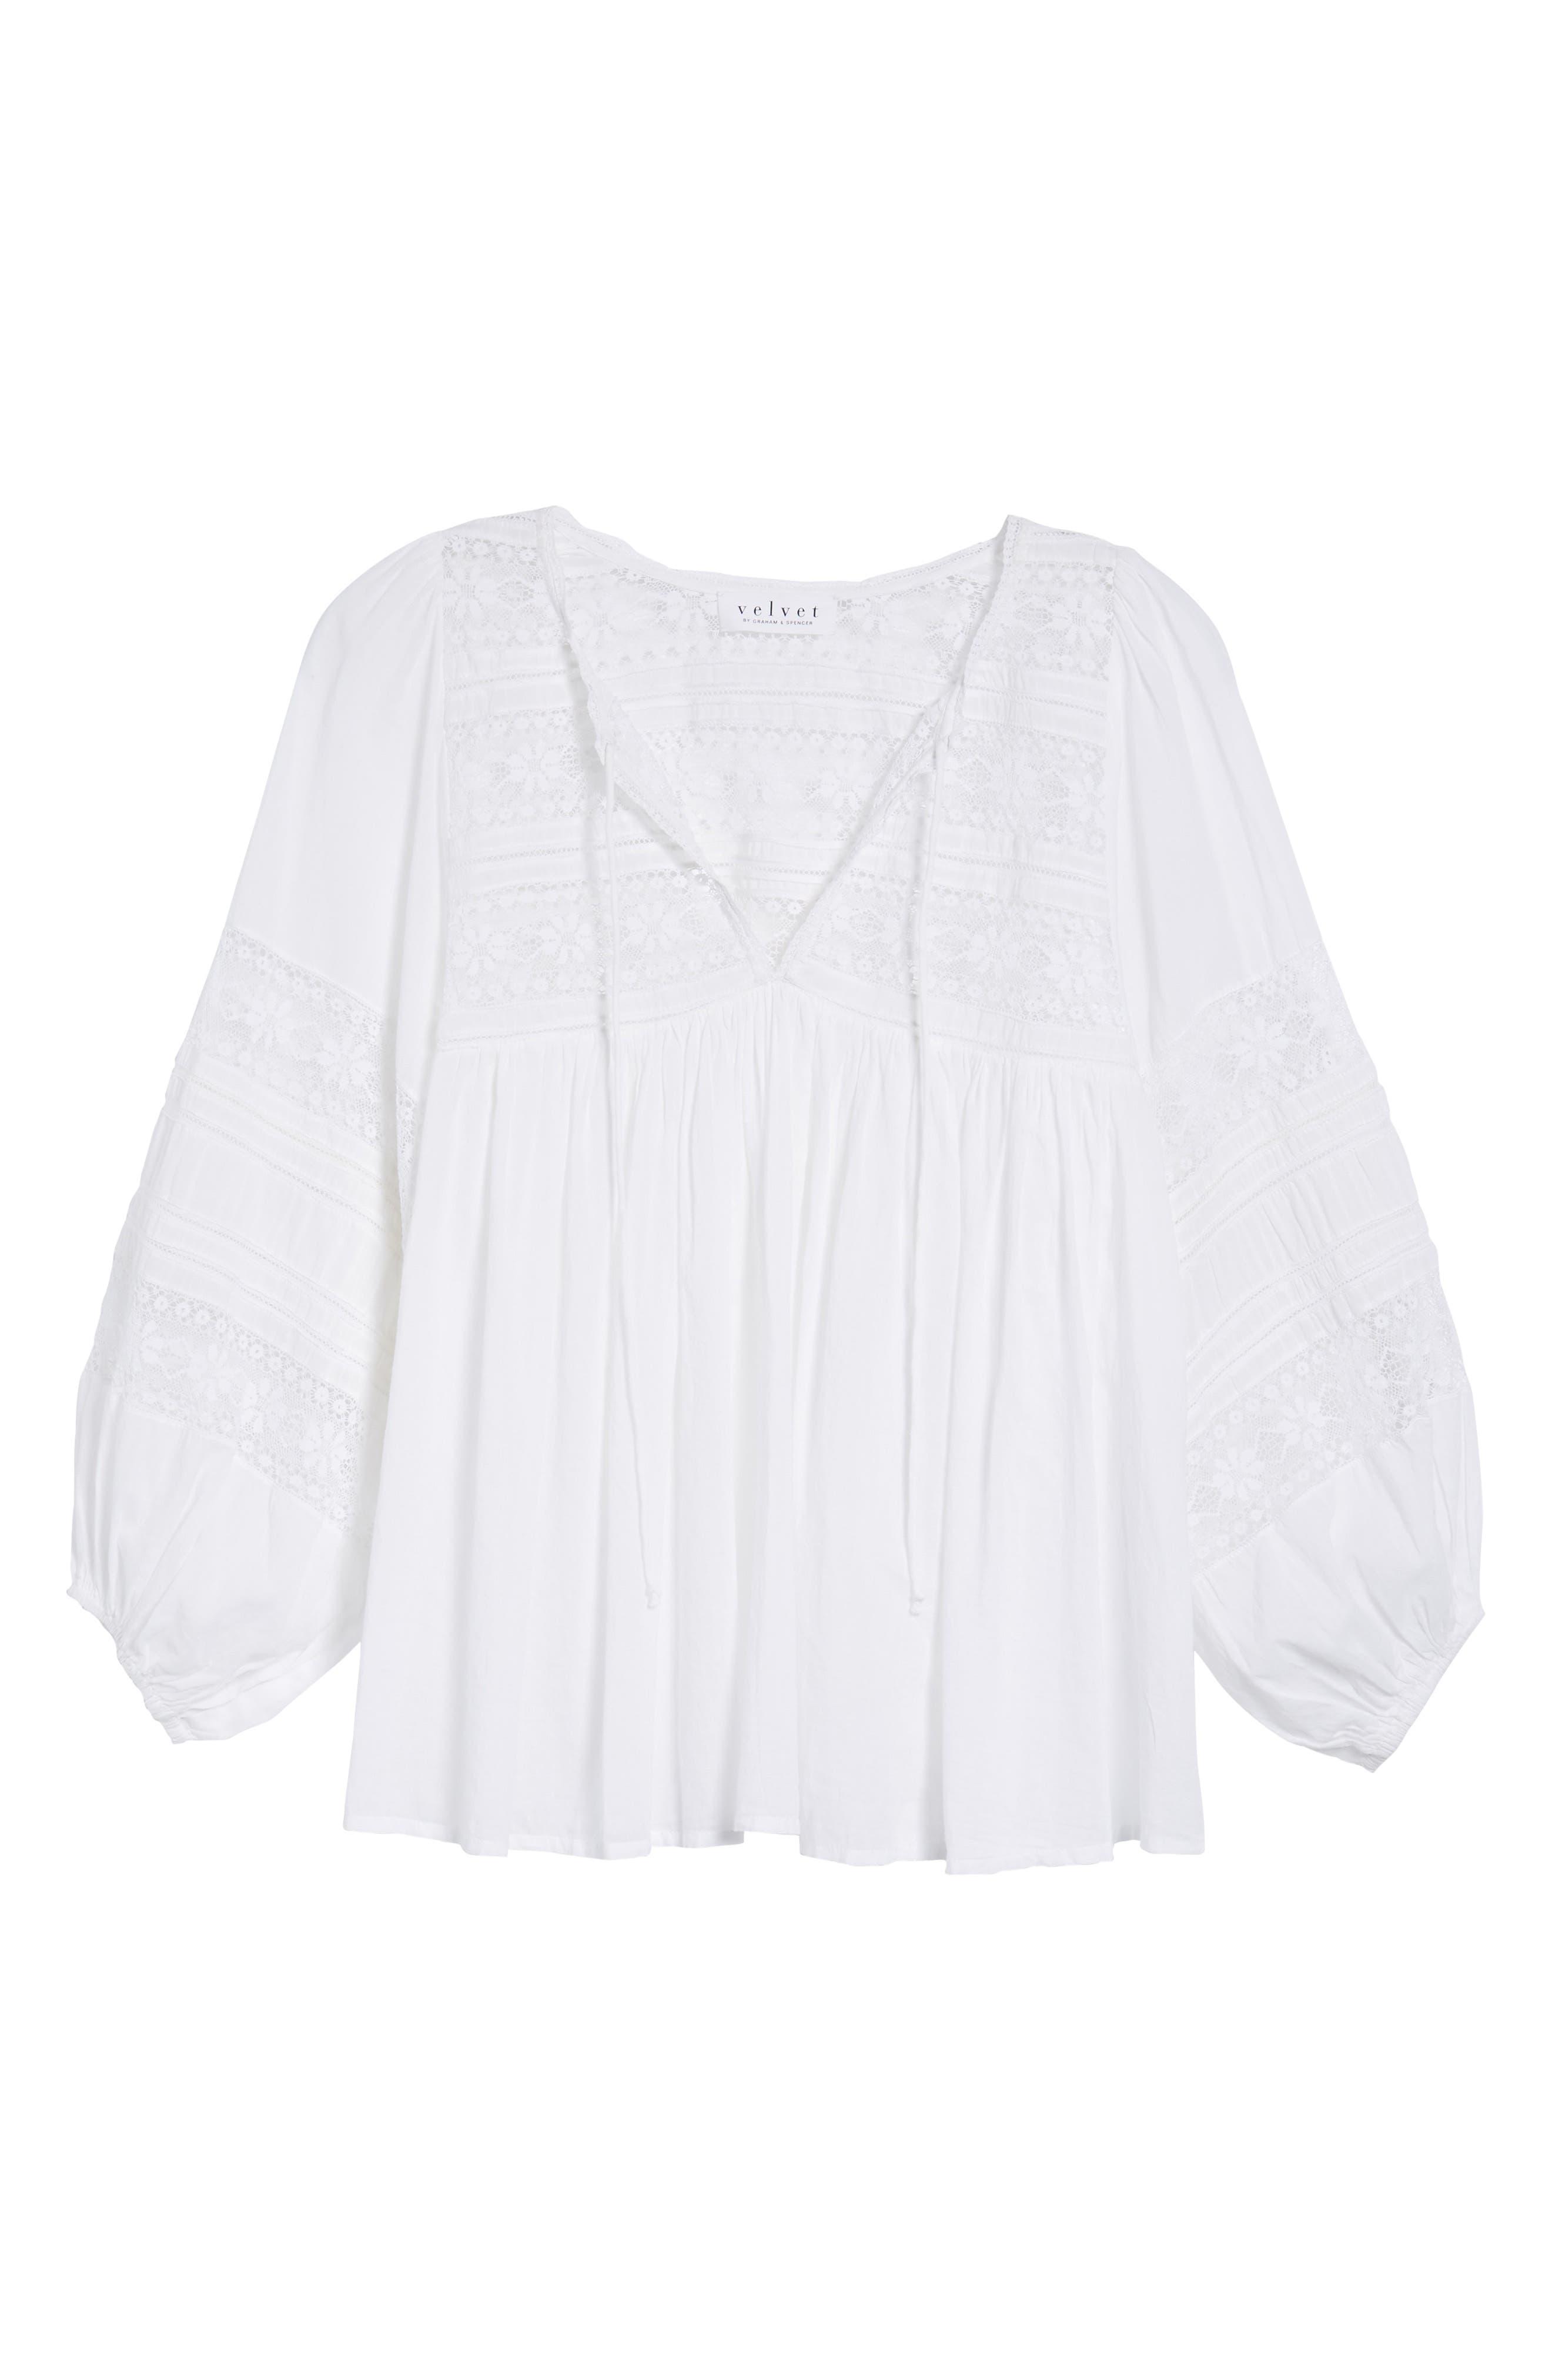 Cotton Lace Peasant Blouse,                             Alternate thumbnail 7, color,                             White